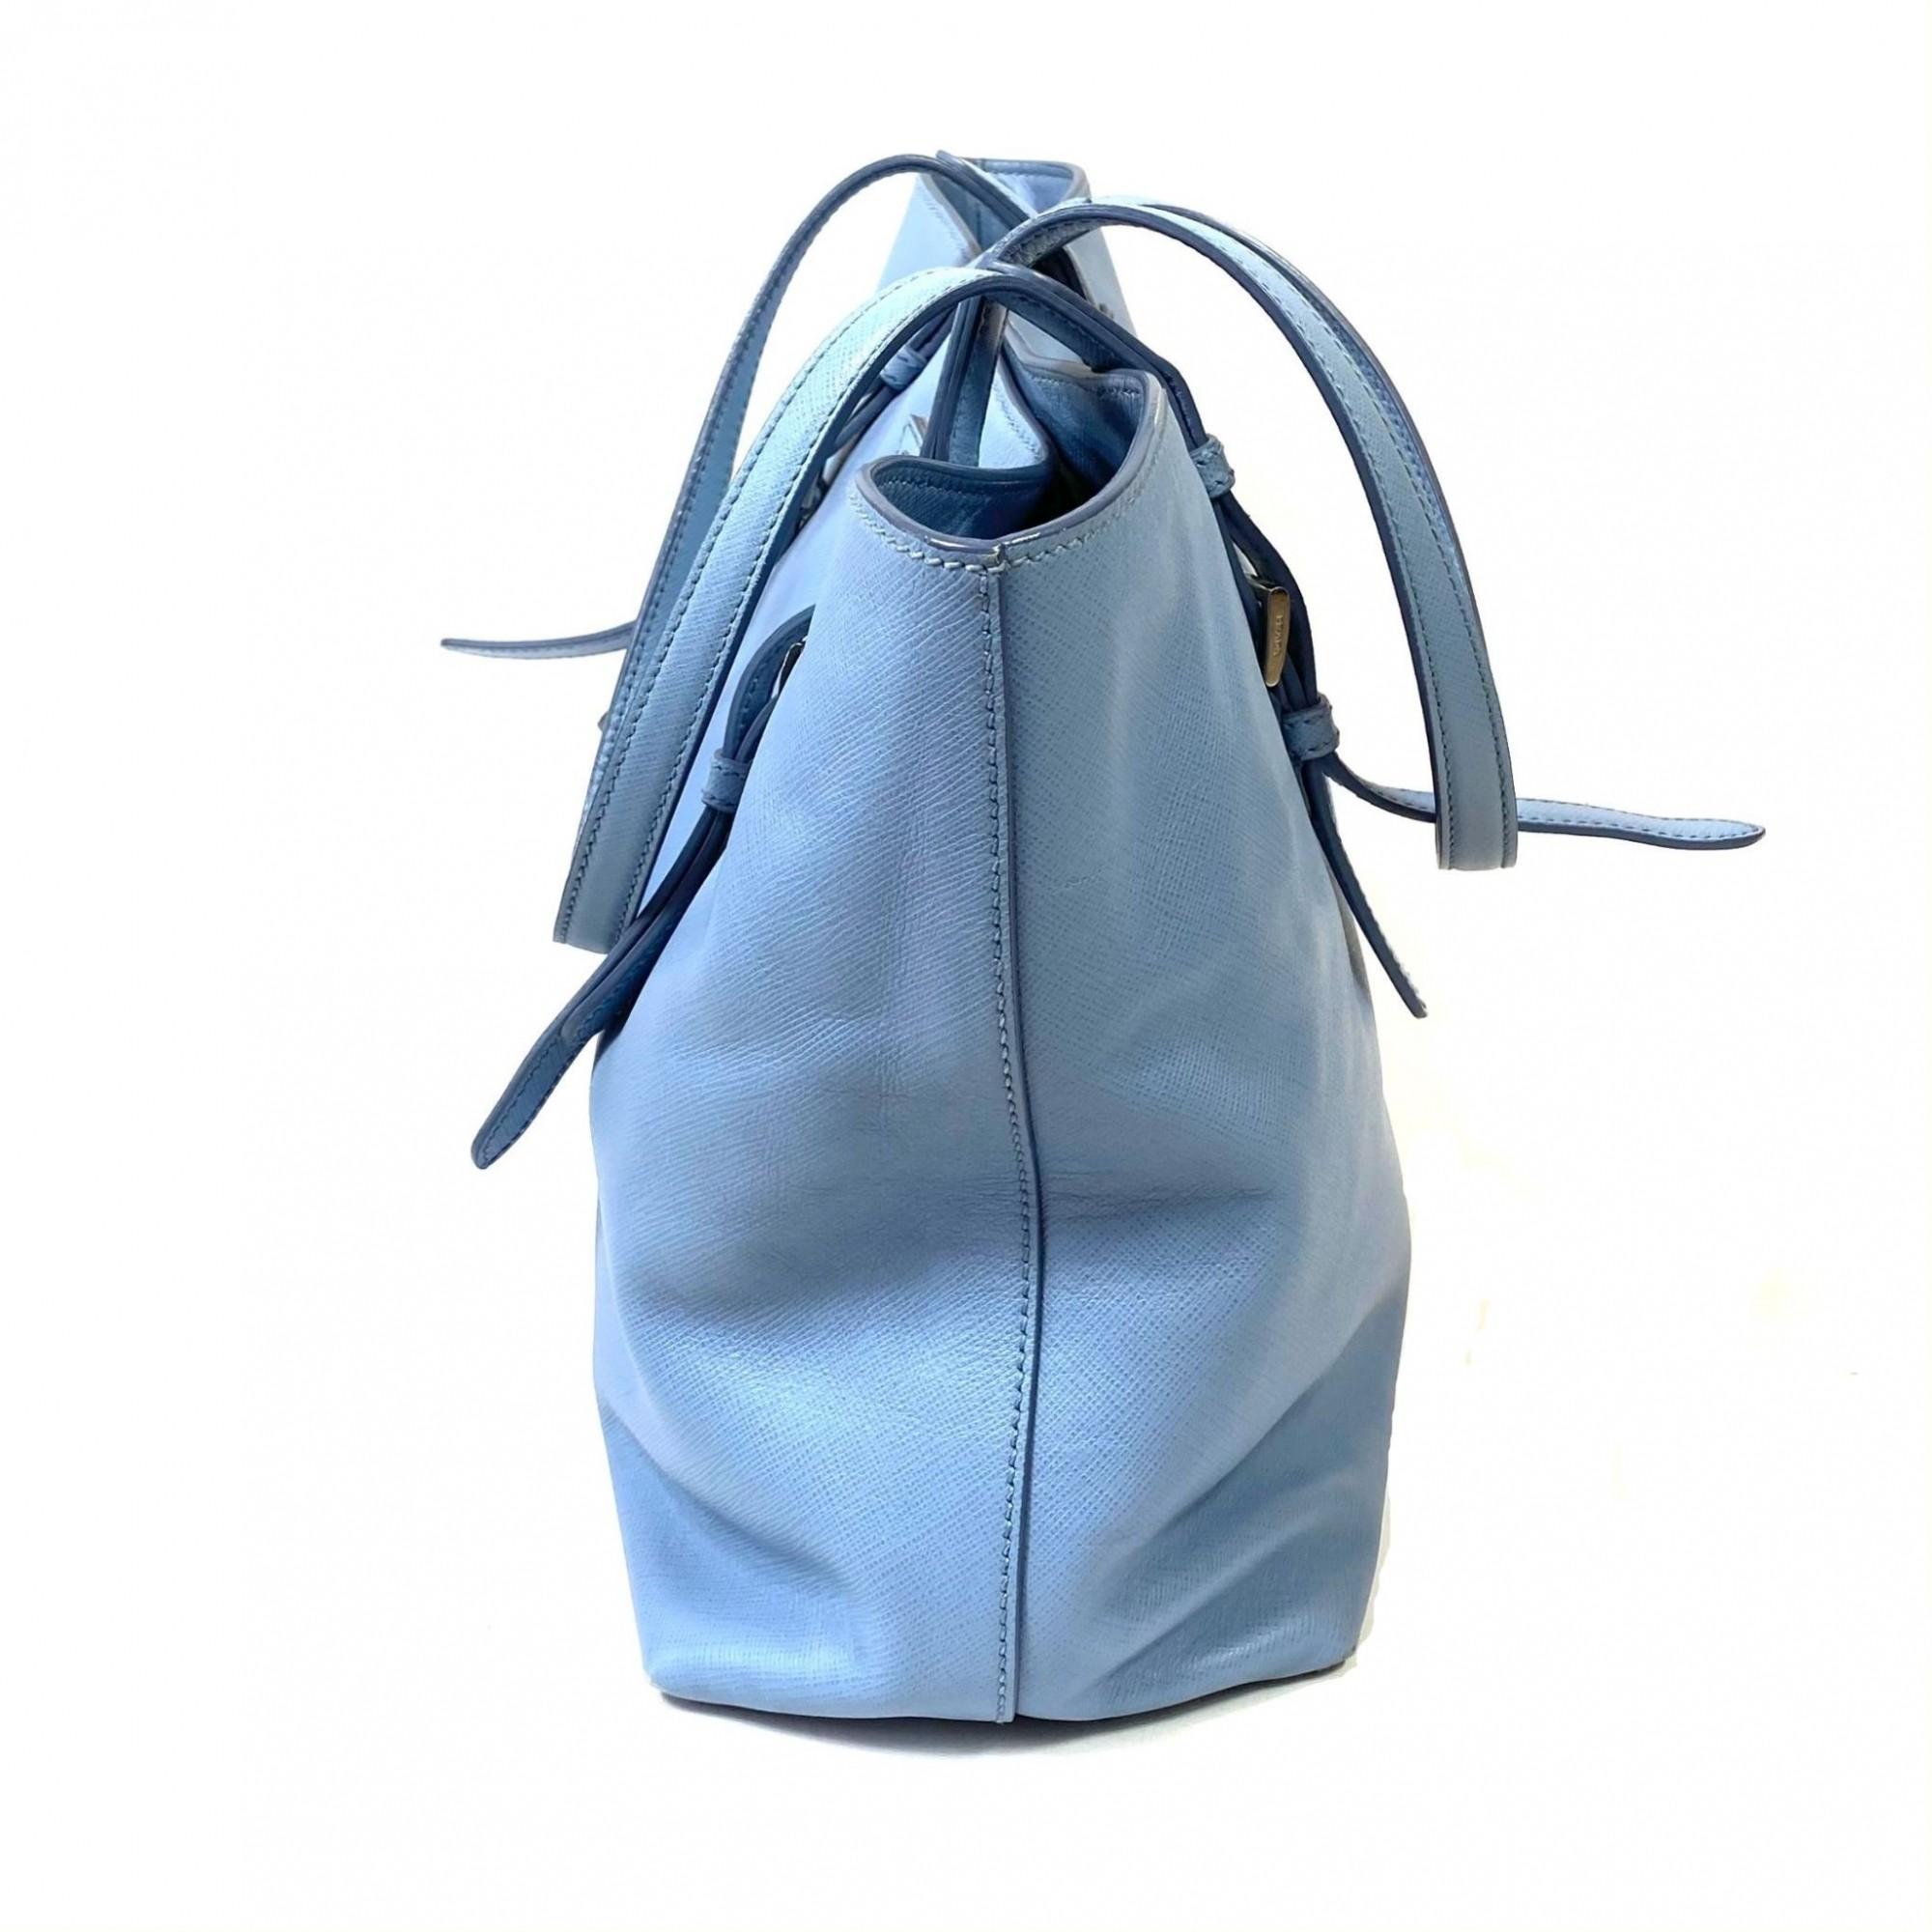 Bolsa Prada Saffiano Tote Azul